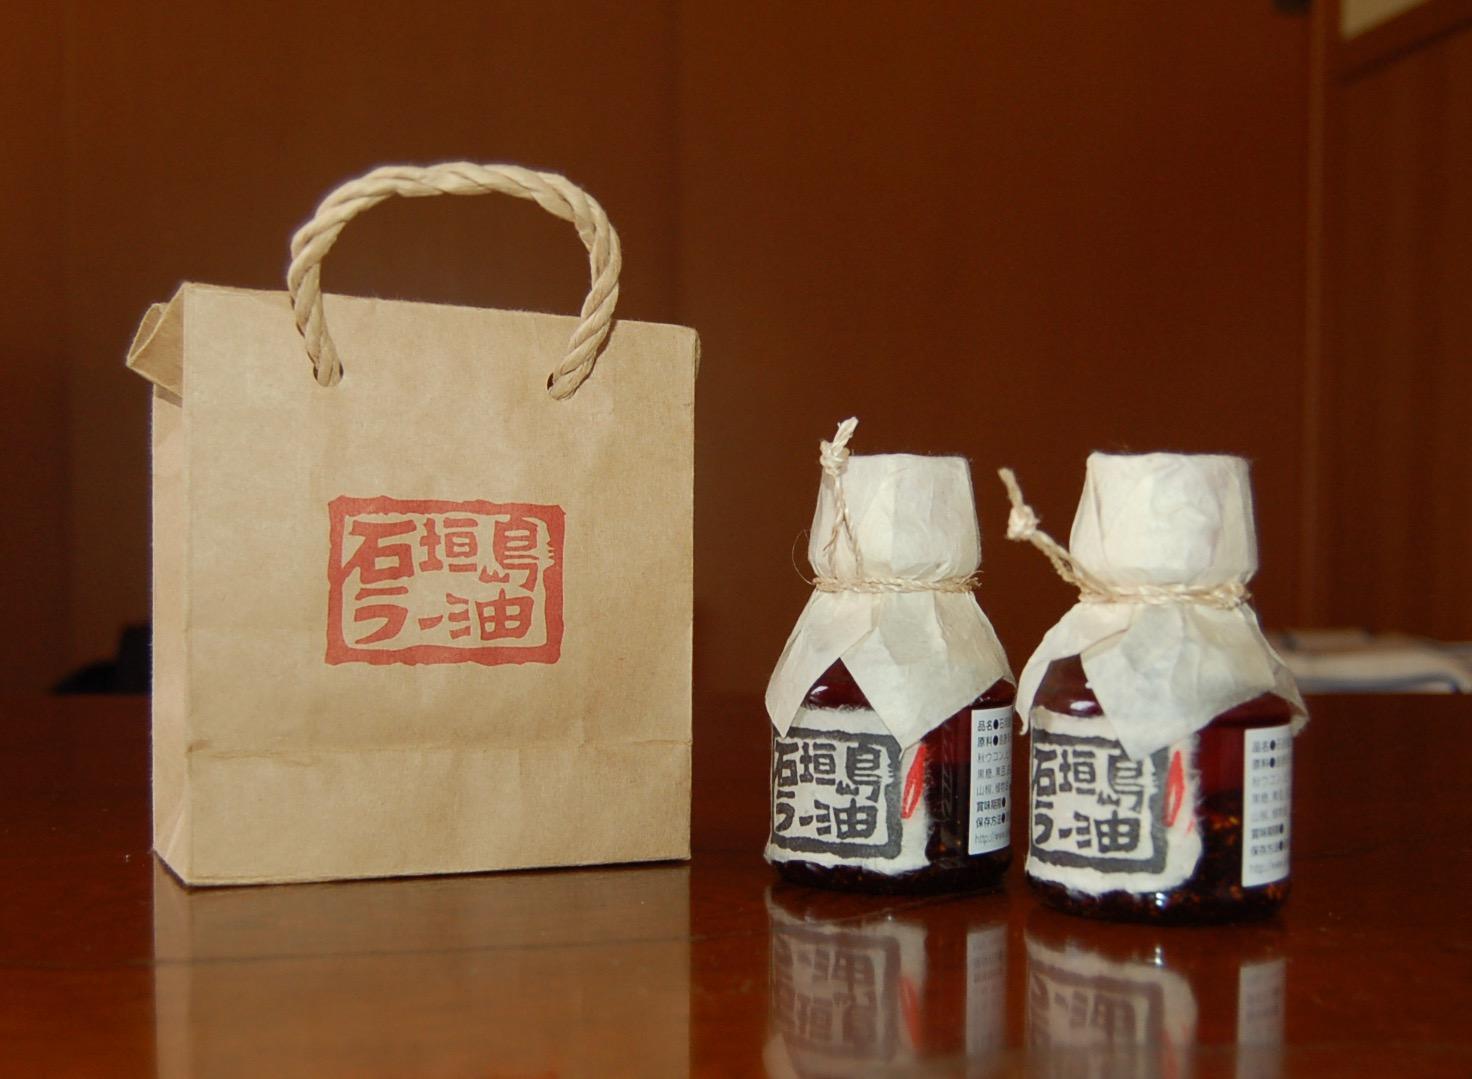 石垣島ラー油(辺銀食堂)のおすすめレシピ!オーガニック調味料で食の安全と健康を!